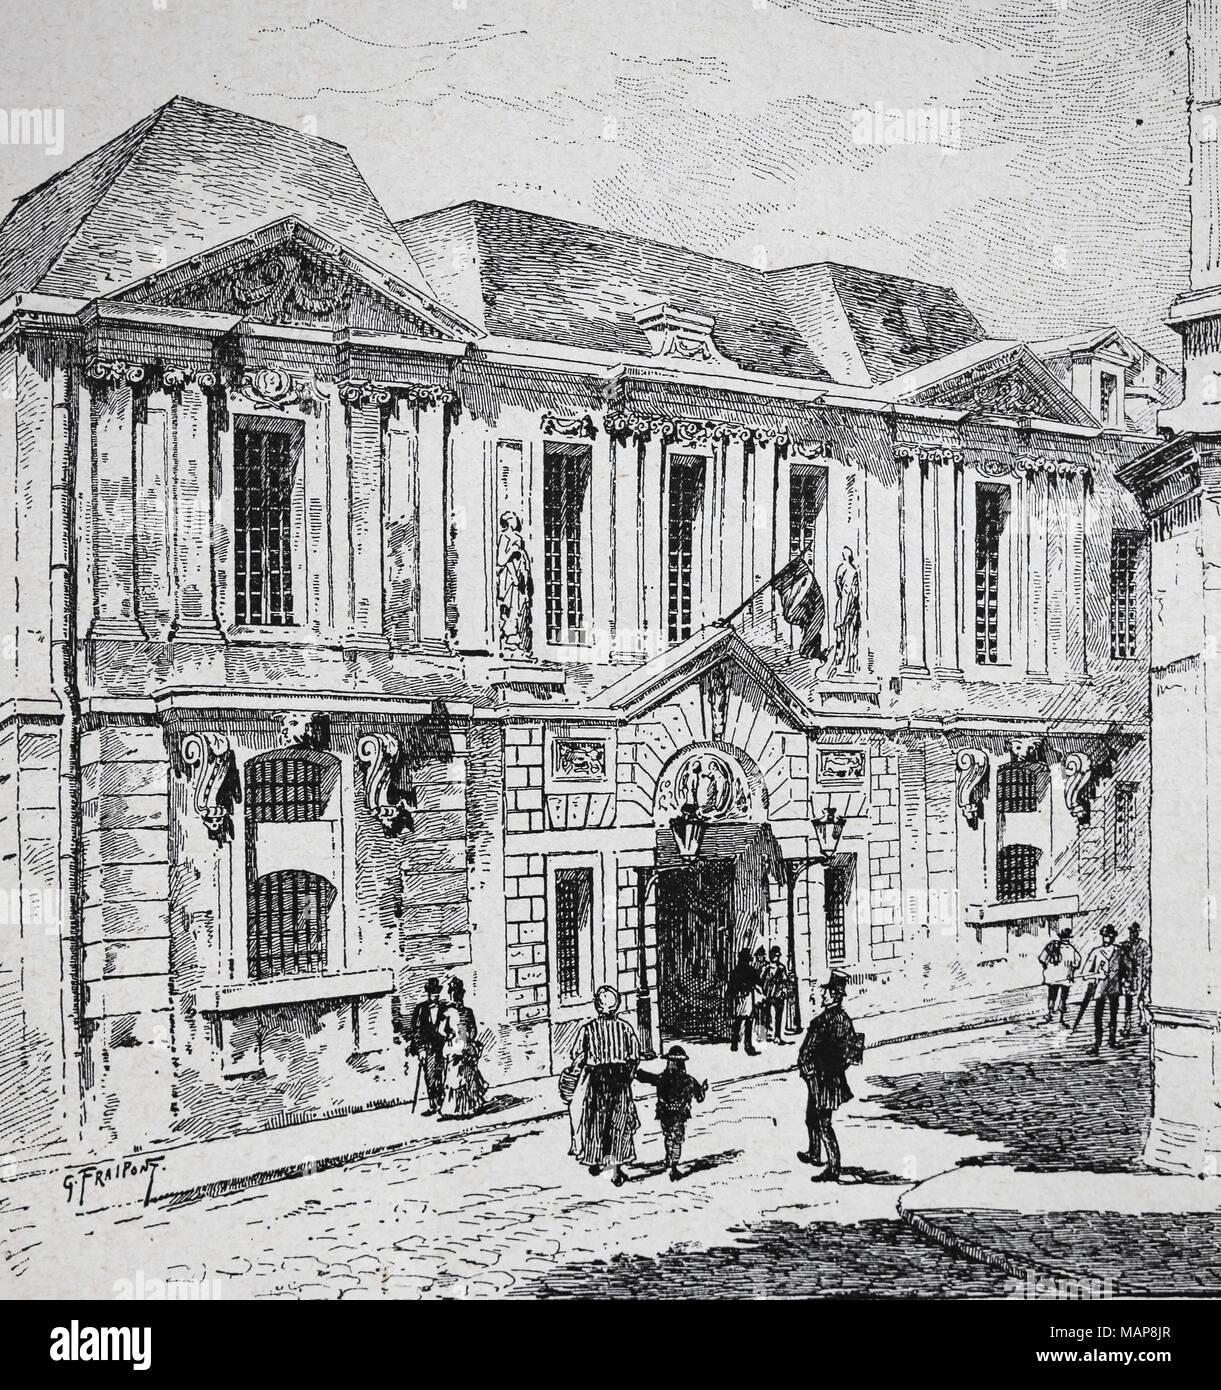 La France. Paris. Archives historiques de l'hôtel Carnavalet. Gravure, 19ème siècle. Photo Stock